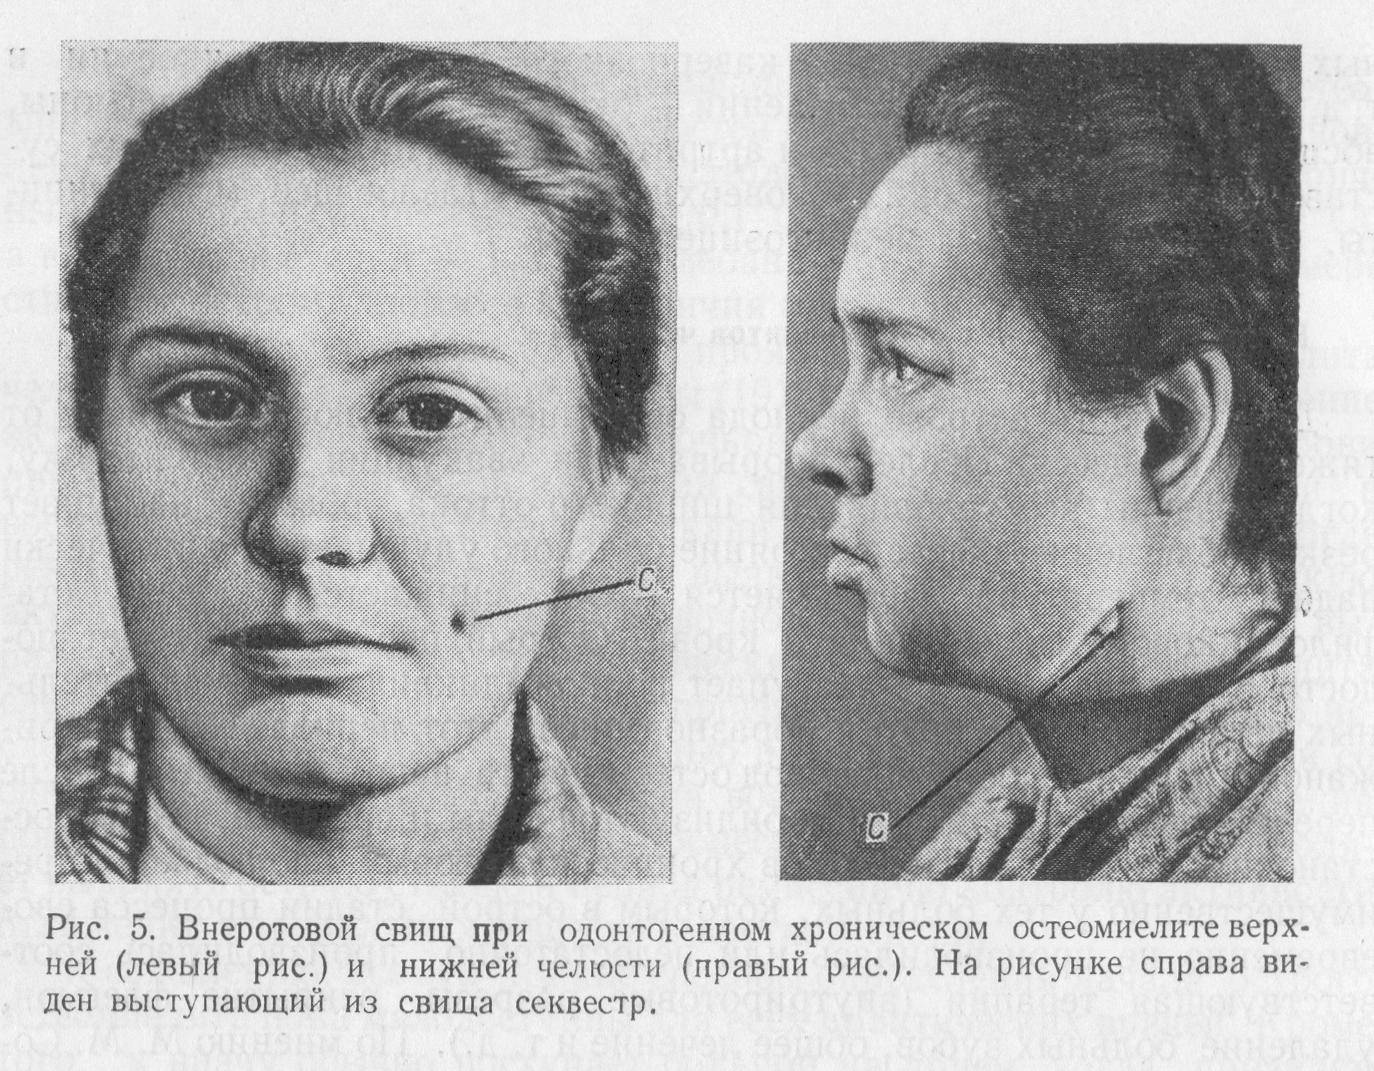 Что такое остеомиелит челюсти, симптомы и лечение